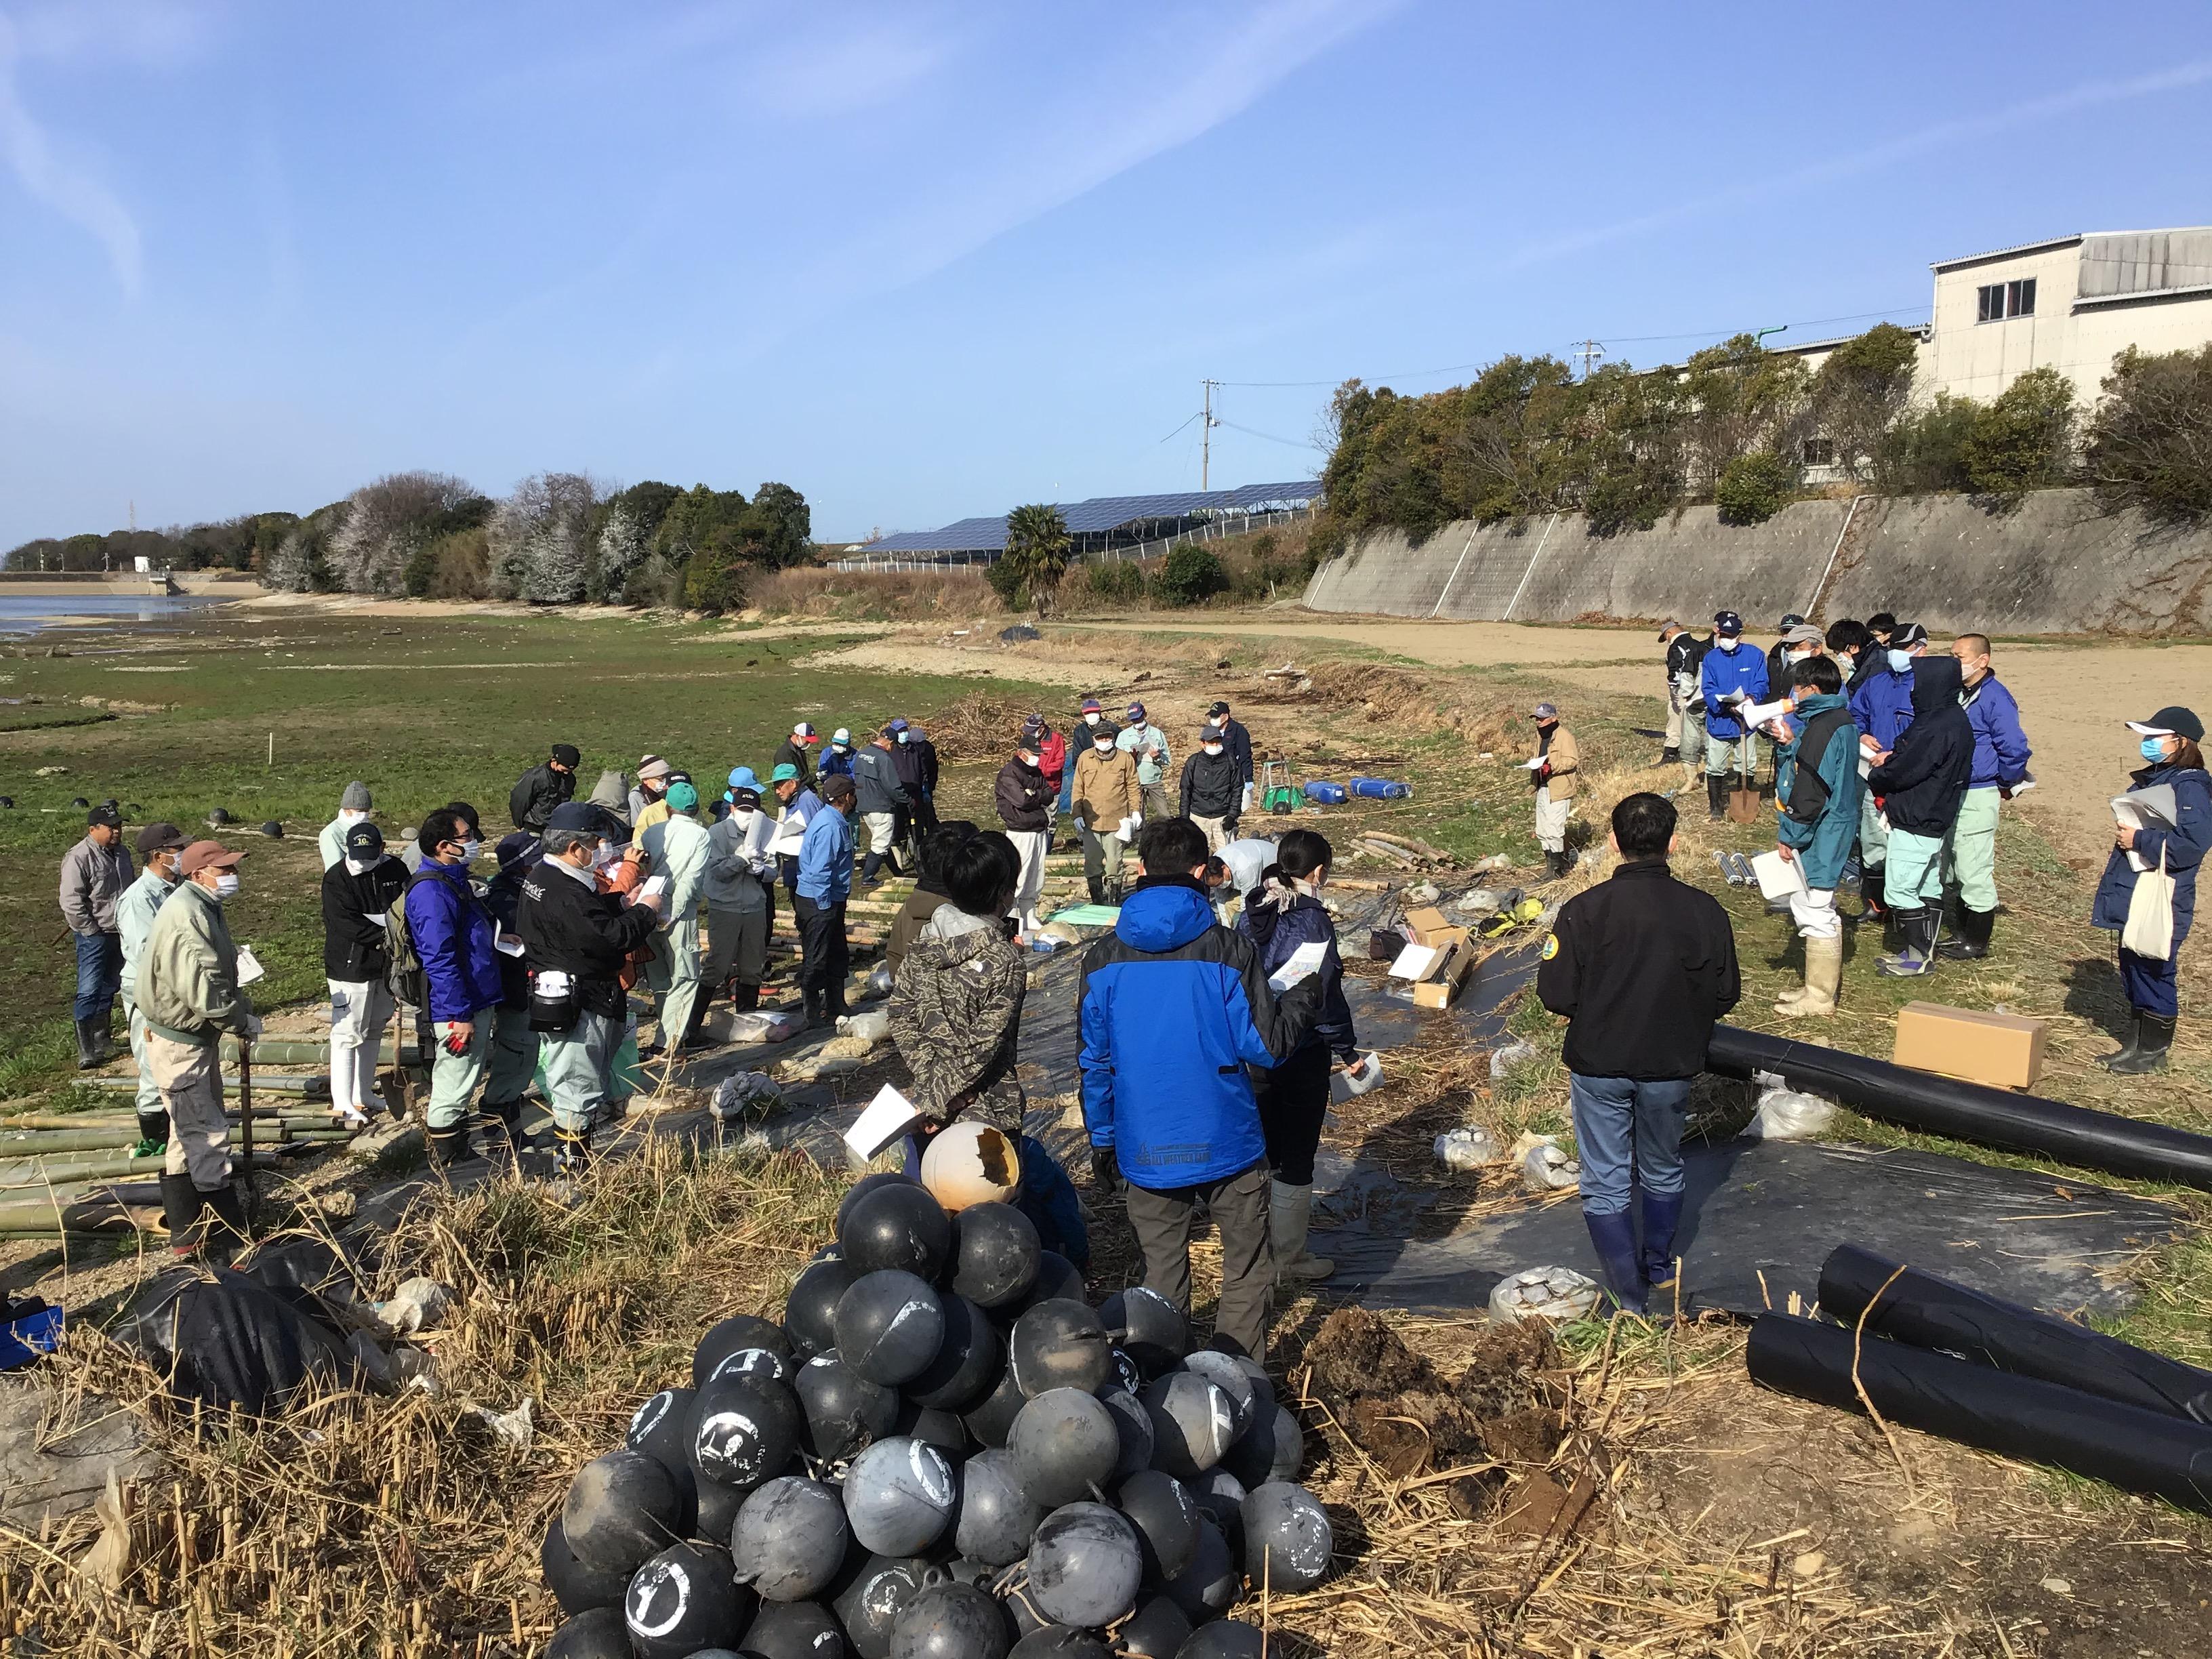 エコロジー研究所の丸井代表の駆除内容説明。手前の黒い球体は猟師さんの網に付ける丸ブイを浮きに使用